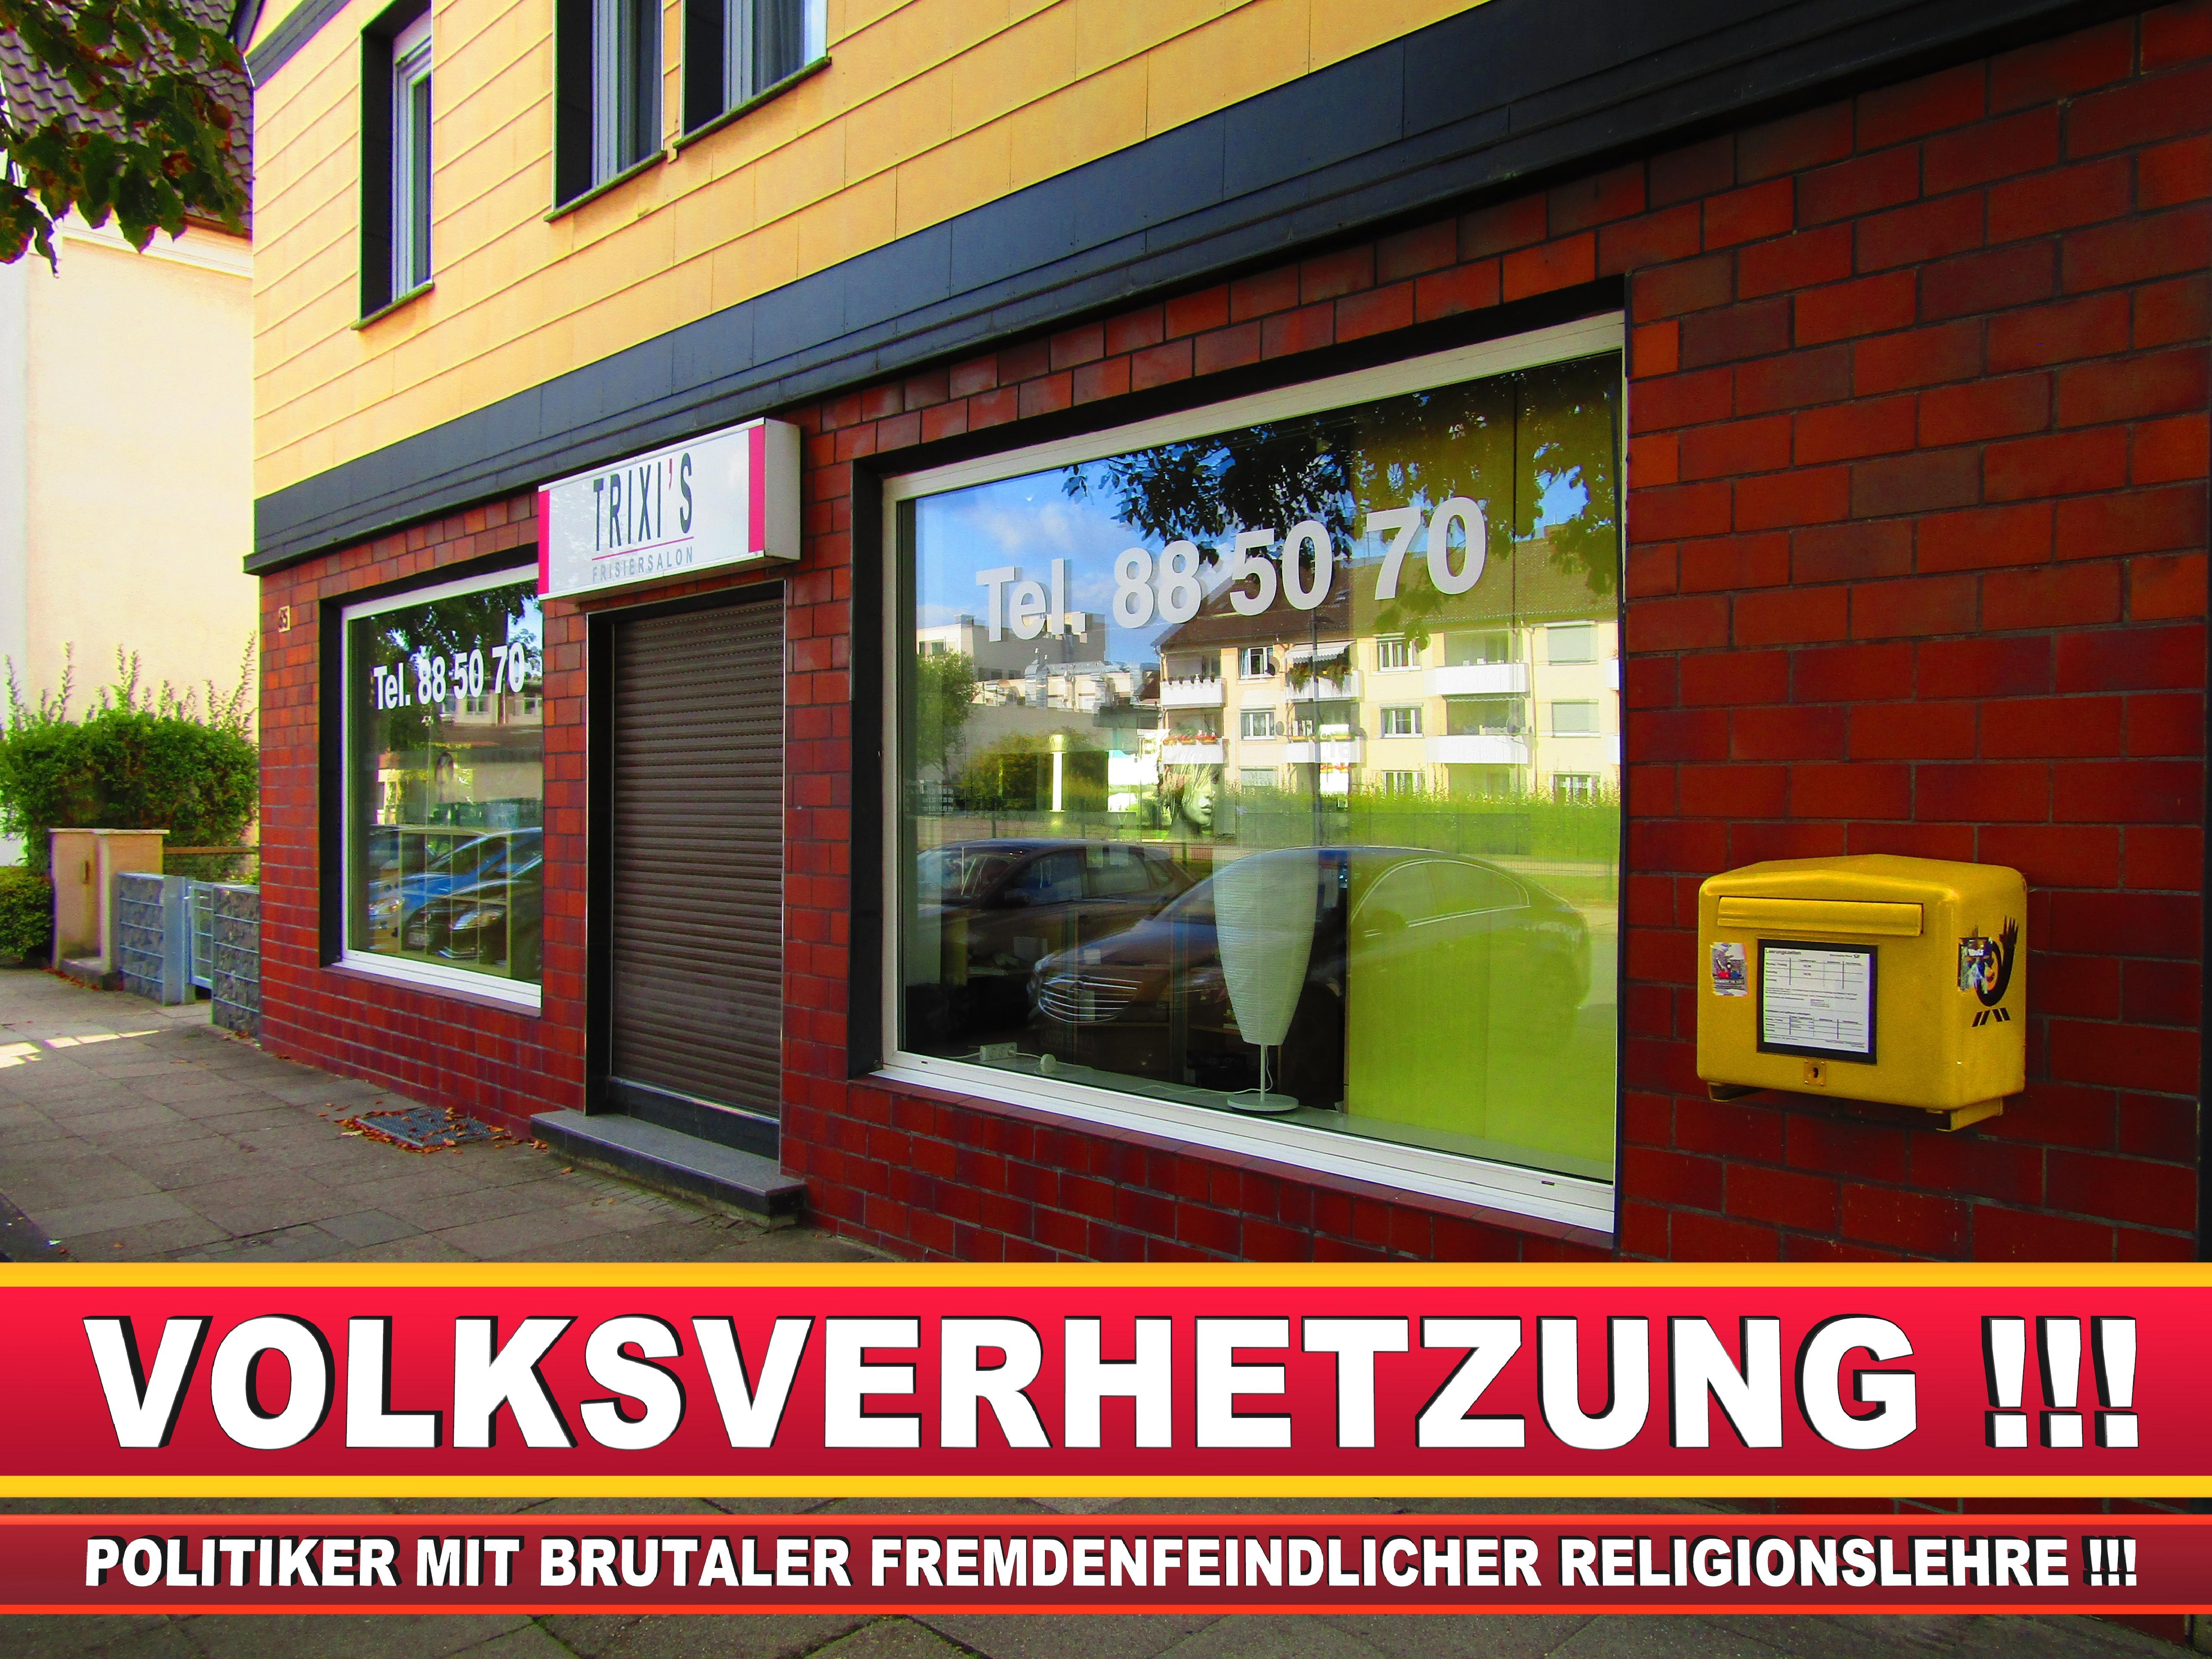 PATRICIA WEHMEYER TRIXI CDU BIELEFELD HAIRSALON FRISEUR (10) LANDTAGSWAHL BUNDESTAGSWAHL BÜRGERMEISTERWAHL